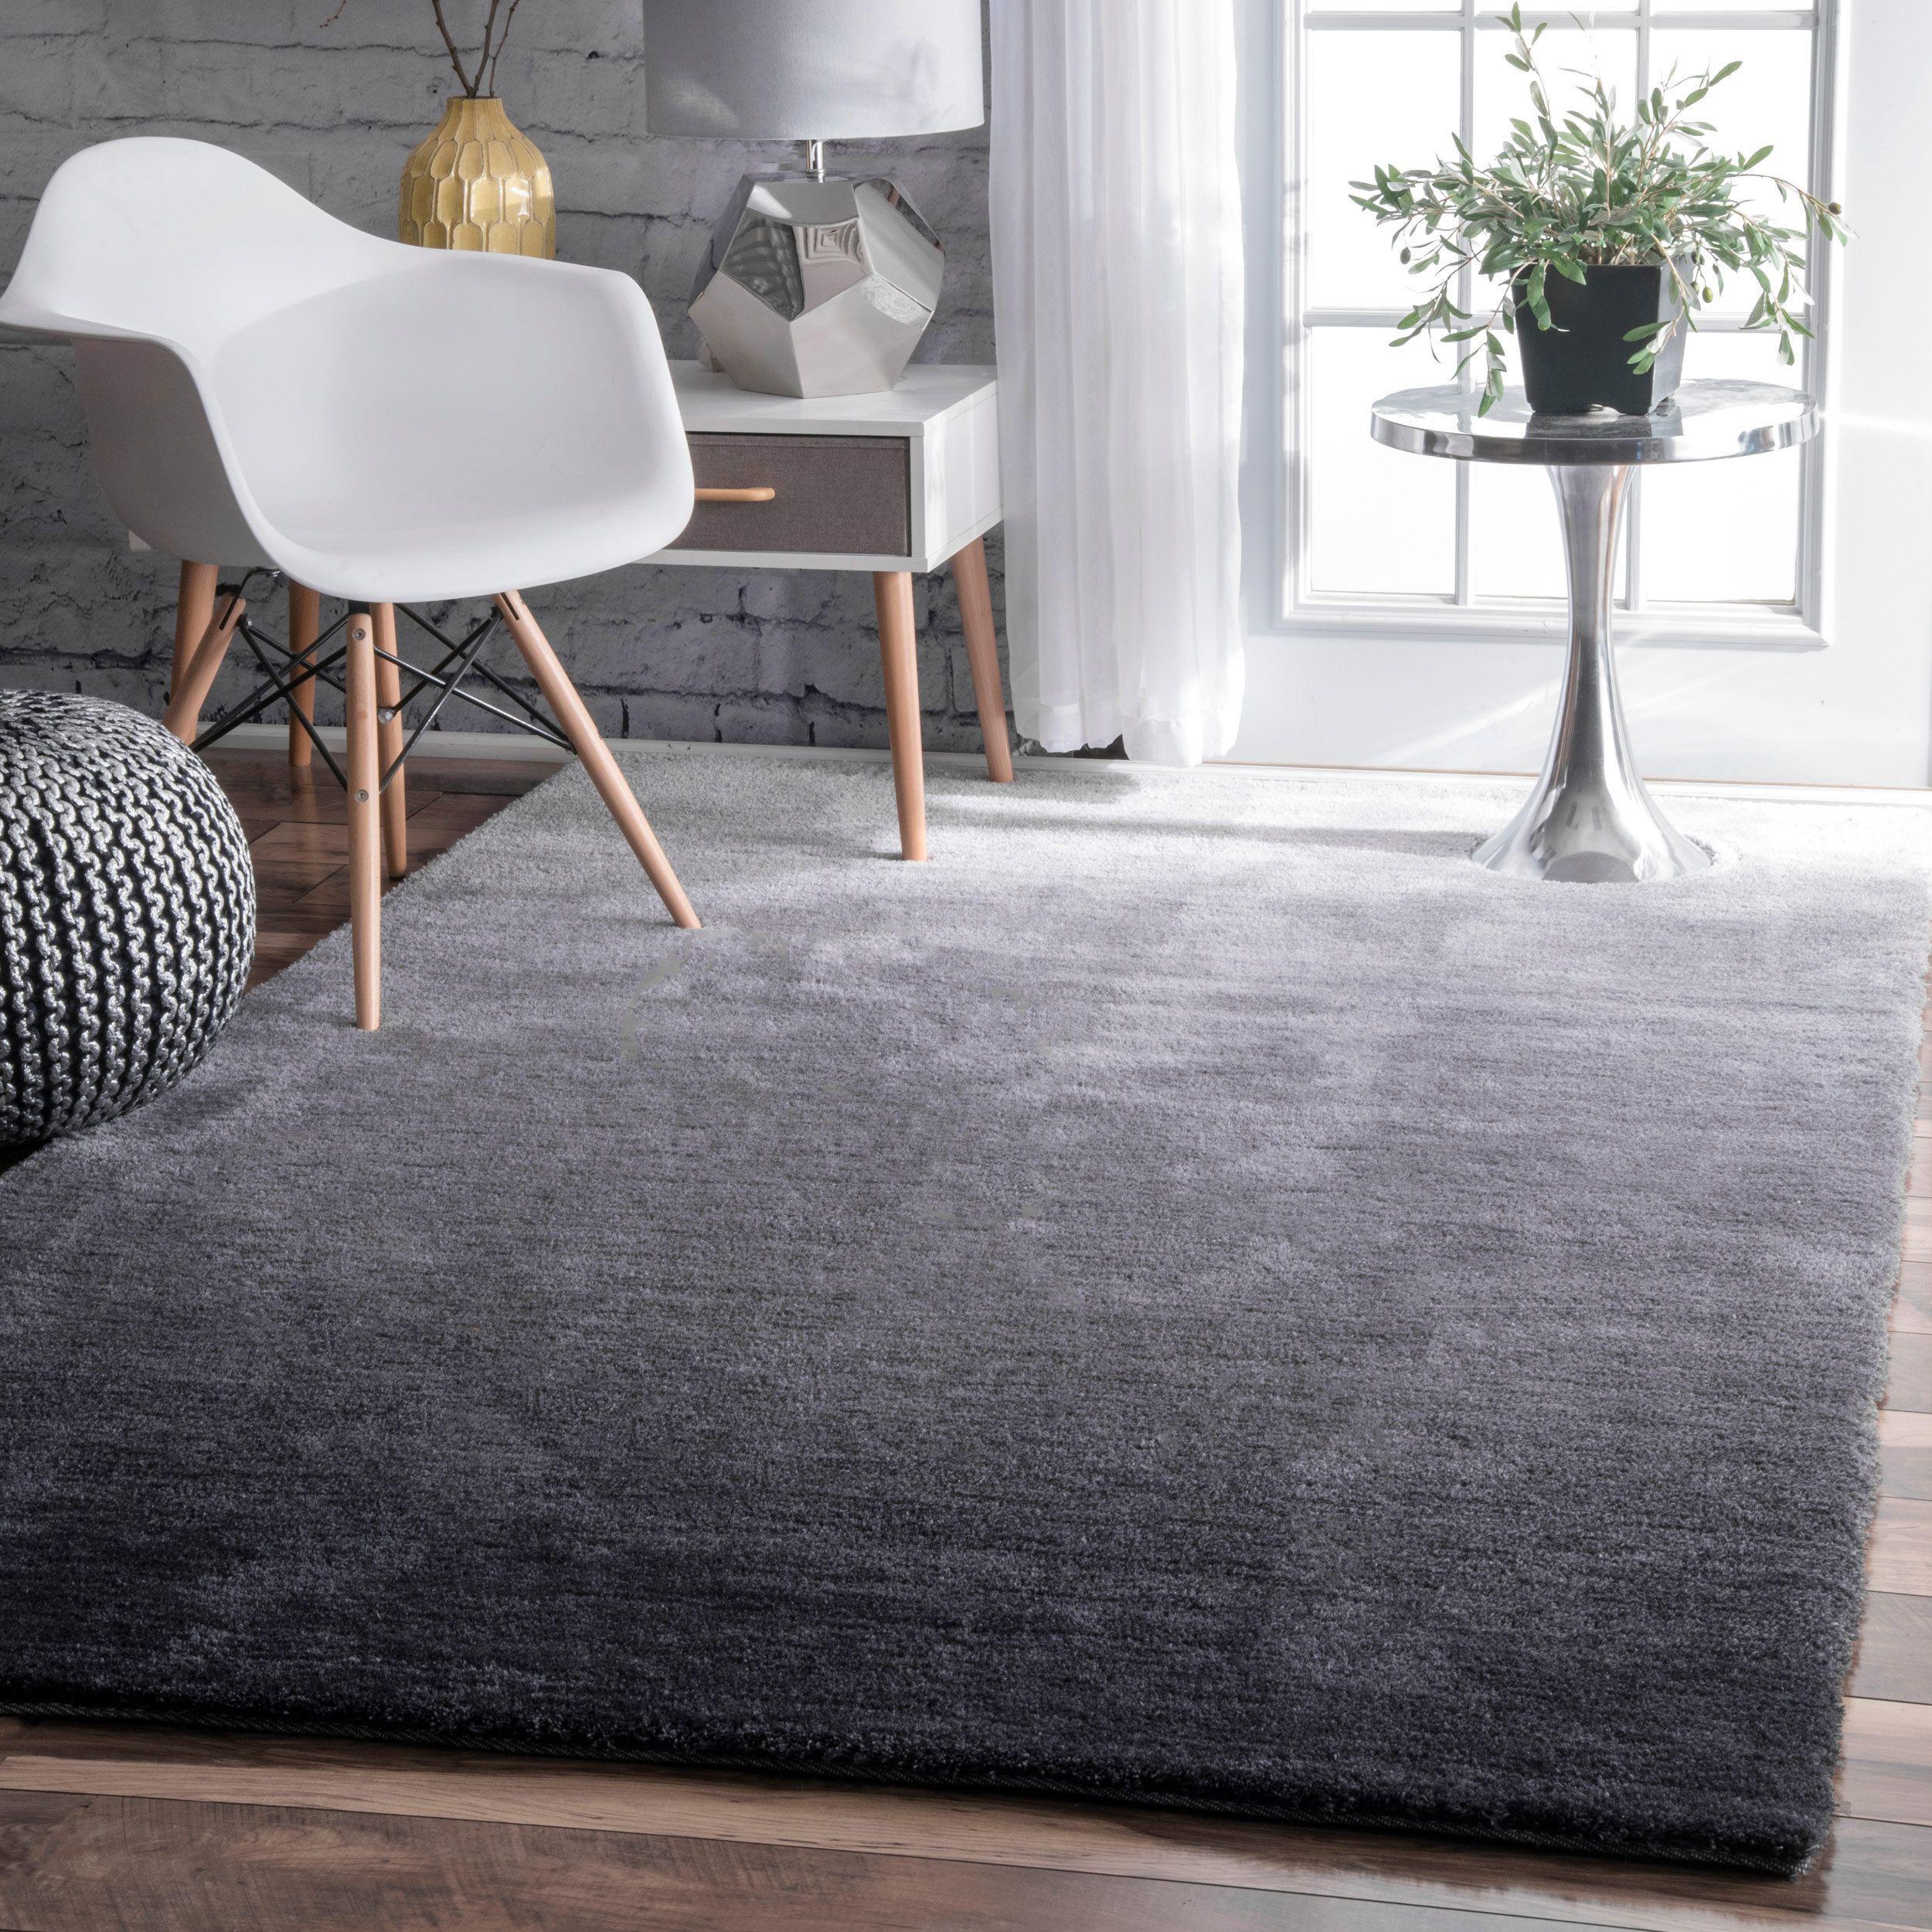 nuloom handmade soft and plush ombre grey shag rug 5u0027 x 8u0027